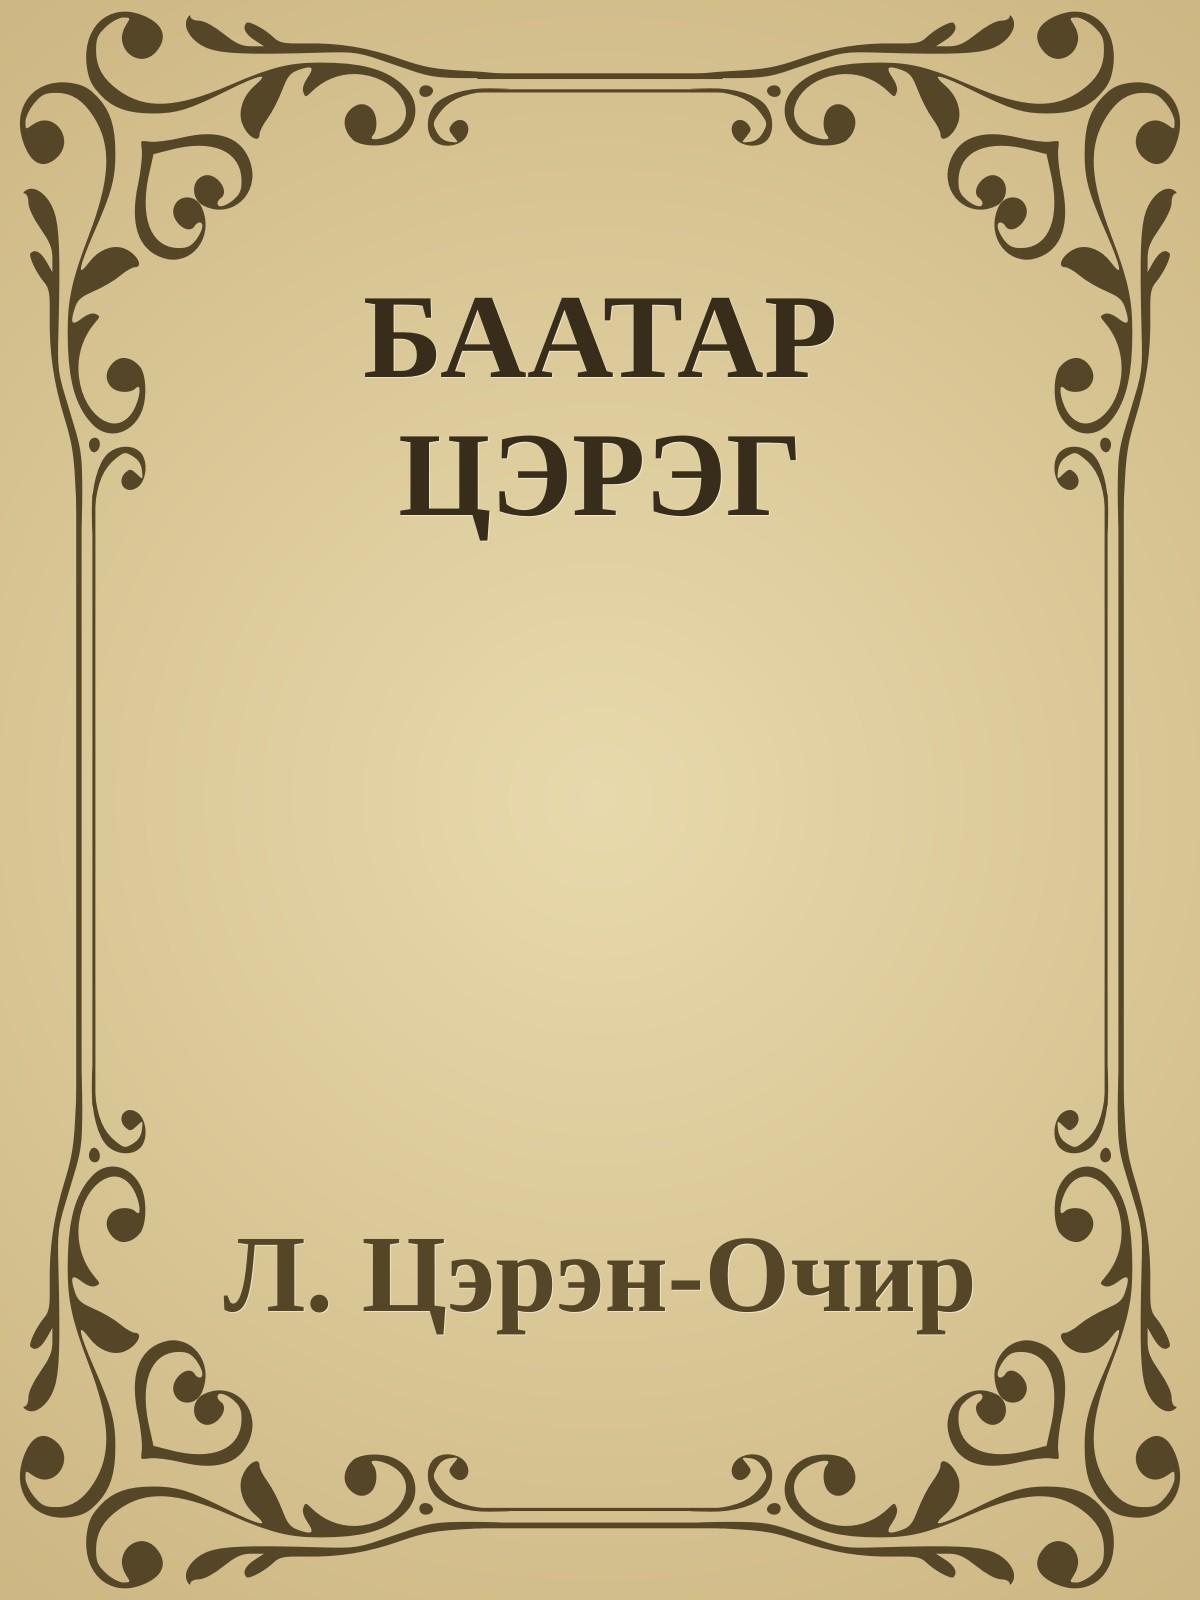 БААТАР ЦЭРЭГ